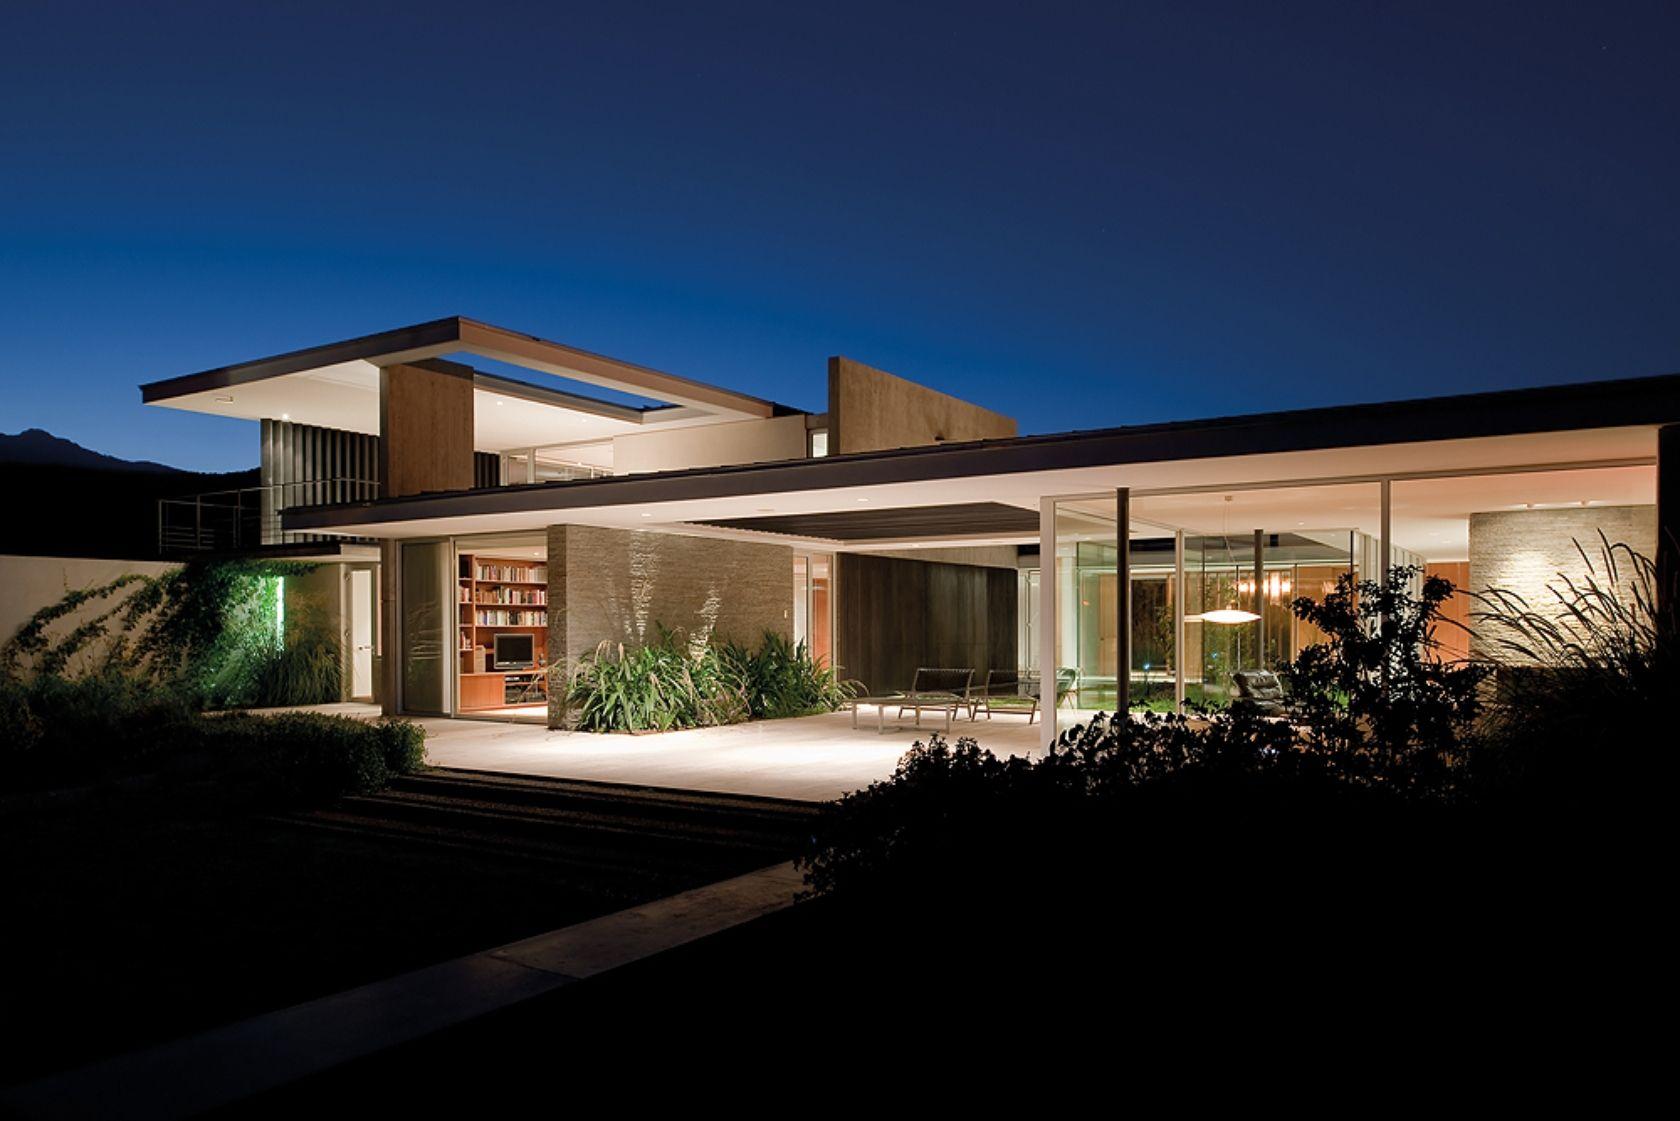 Kubler House Chalet Moderno Disenos De Casas Casa Contemporanea